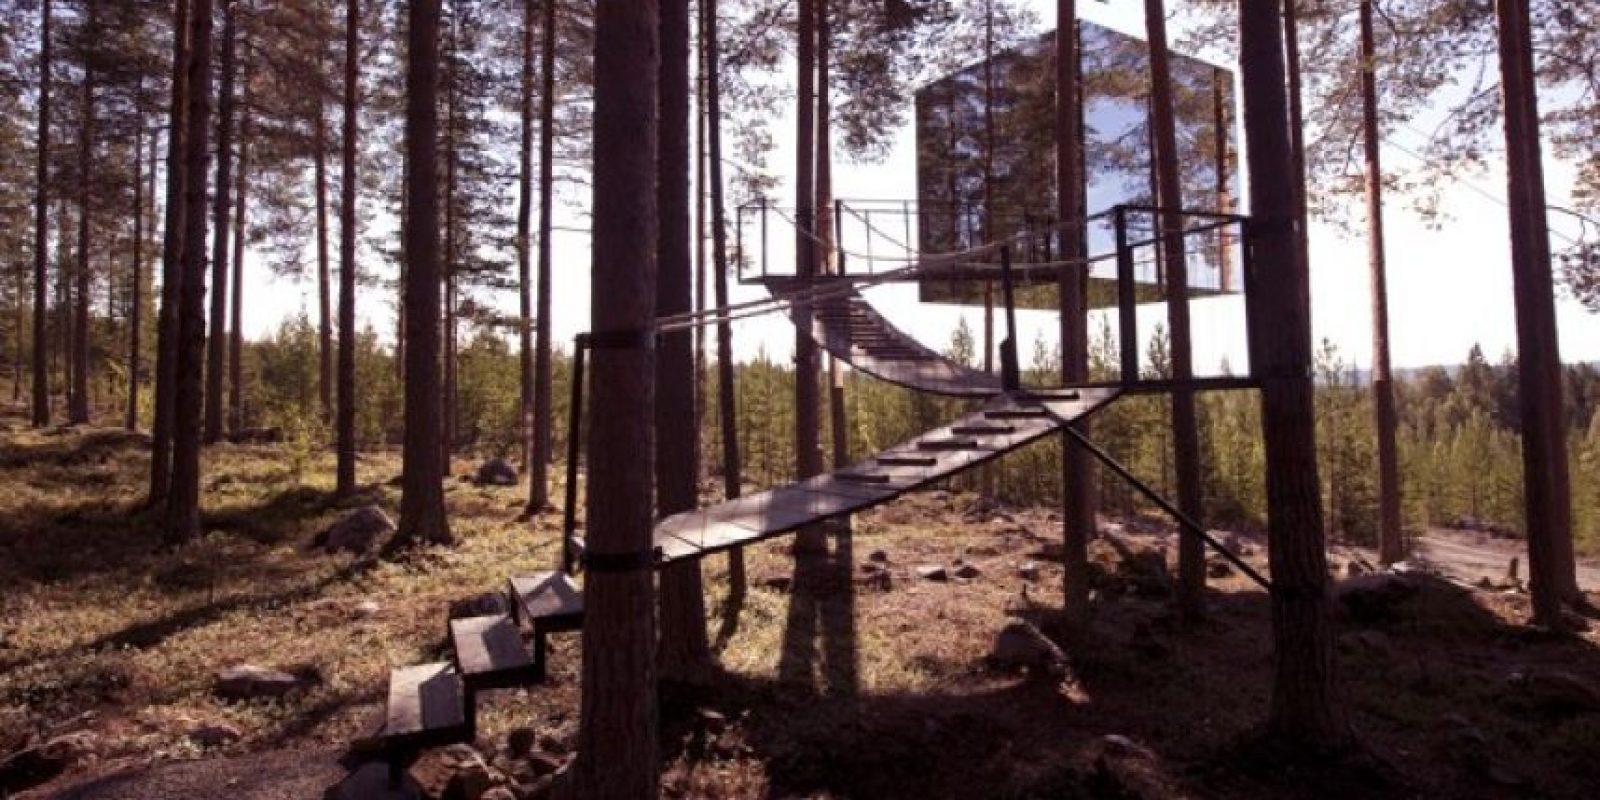 Treehotel, en Suecia. Dormirán en el bosque, con paredes transparentes que, por fuera son espejos que camuflajean la construcción. Foto:Flavorwire